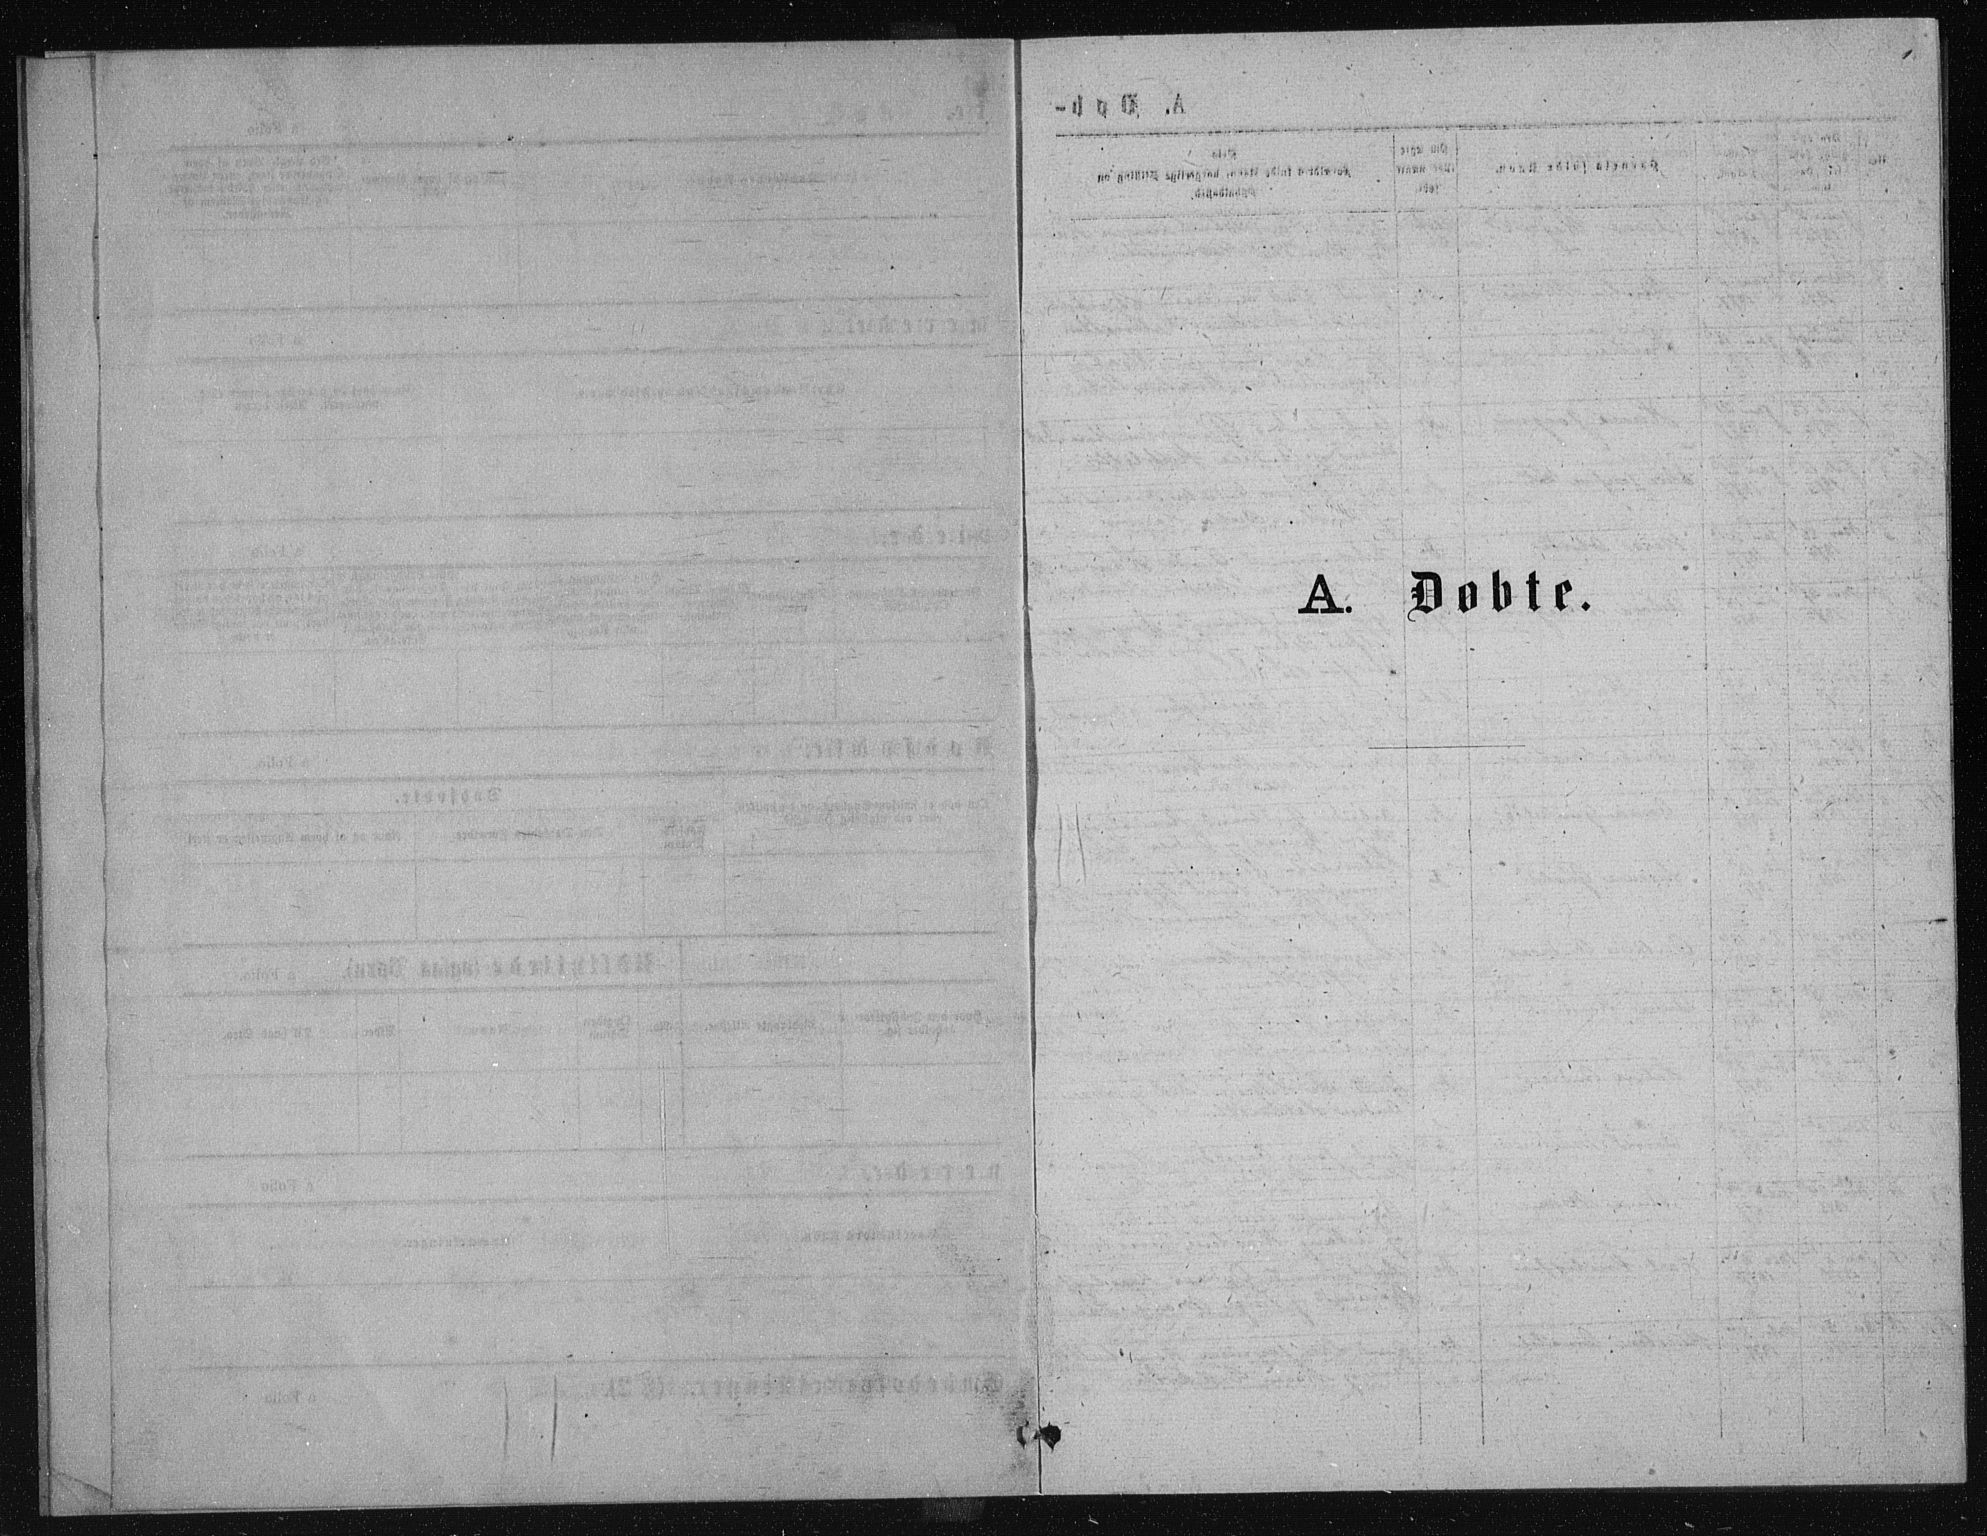 SAKO, Solum kirkebøker, G/Ga/L0005: Klokkerbok nr. I 5, 1877-1881